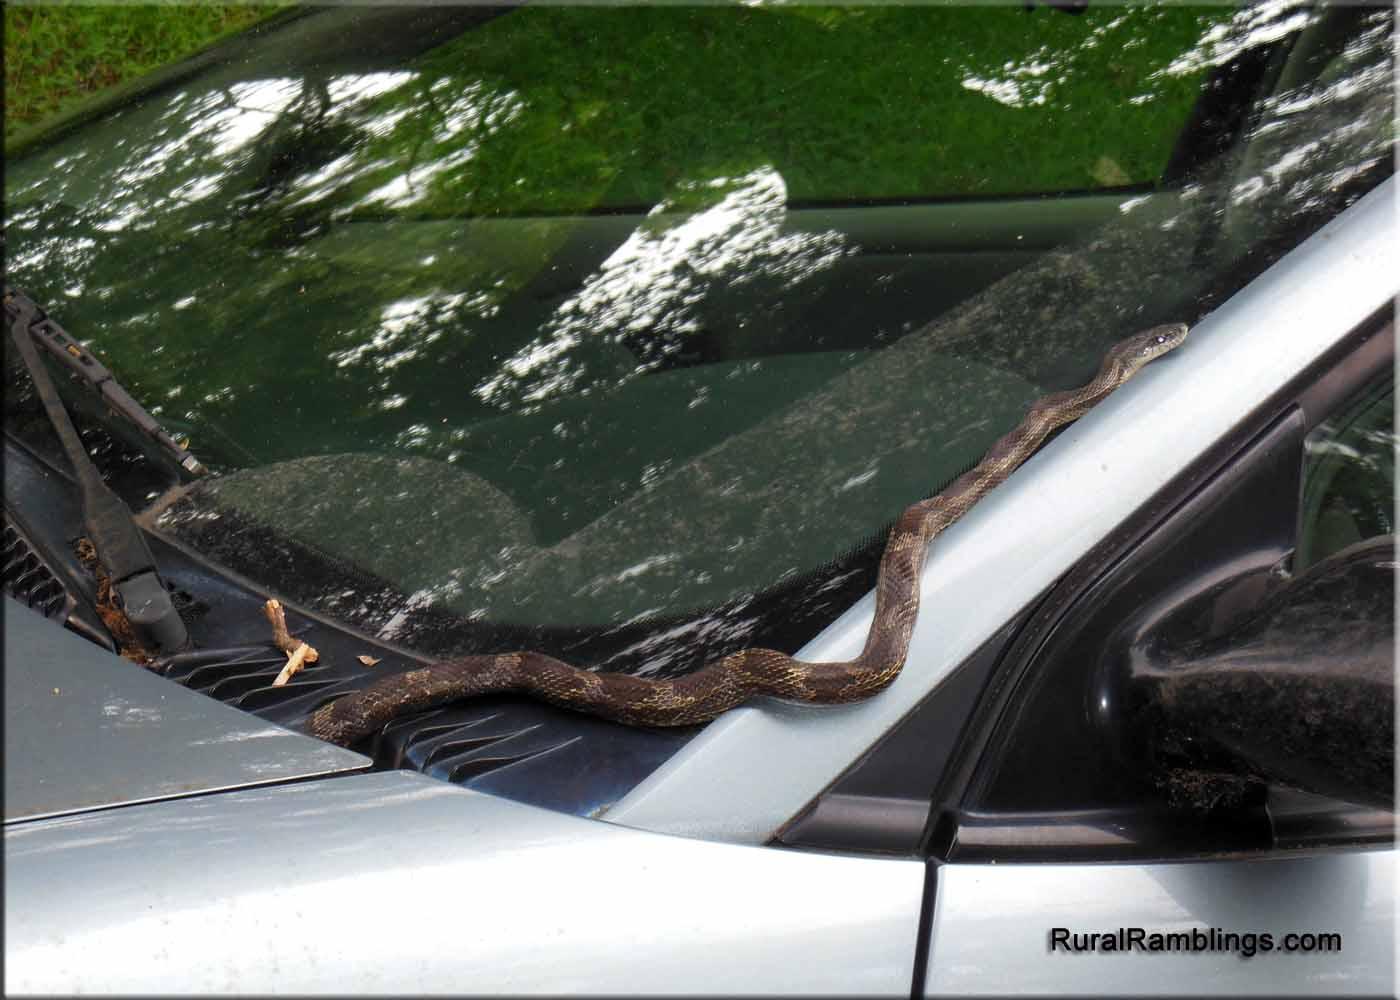 fantasy snake car 2013 - photo #25